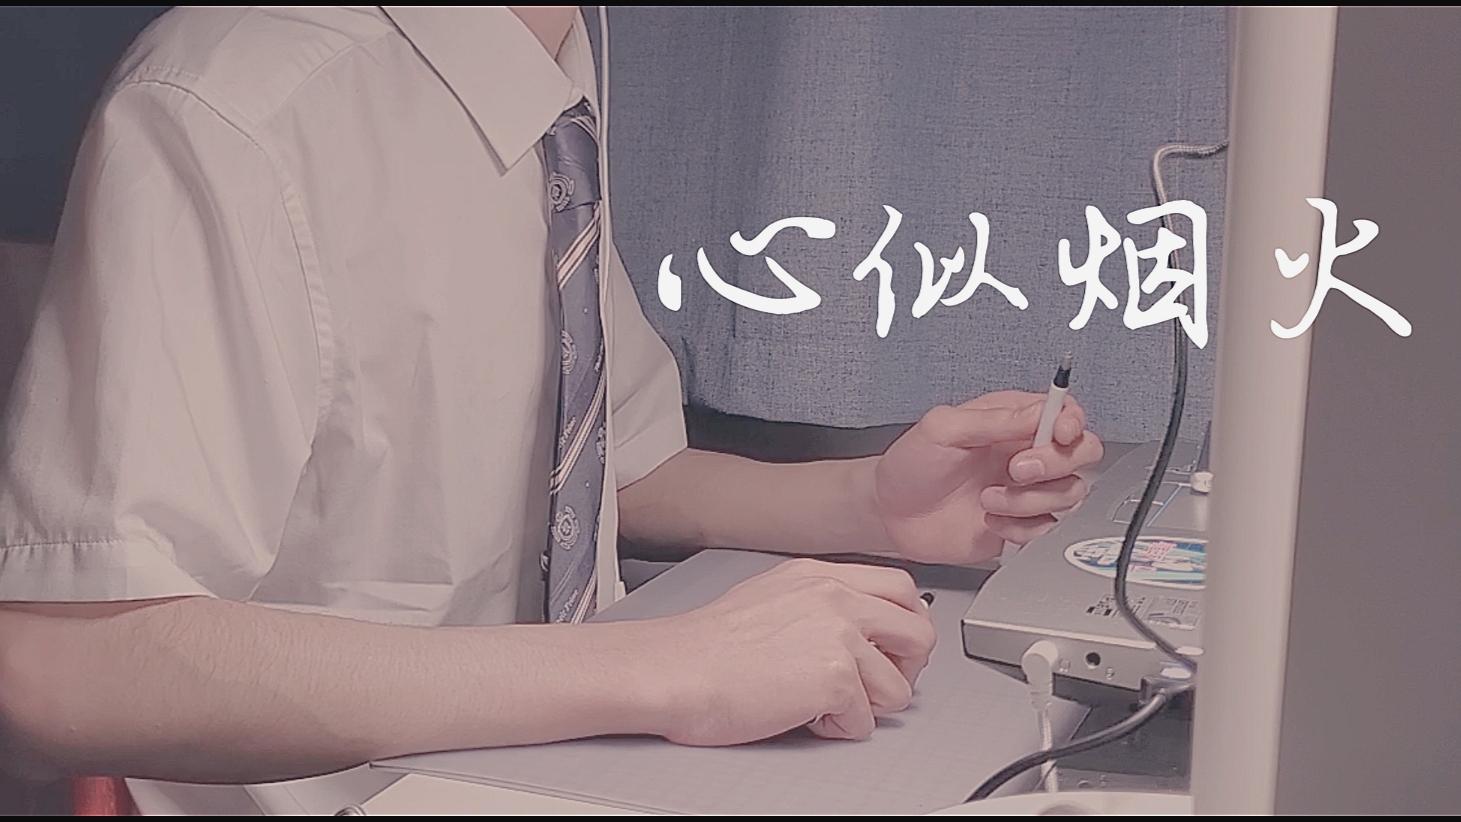 用两支笔演奏《心似烟火》-陈壹千 (原曲:绊) penbeat